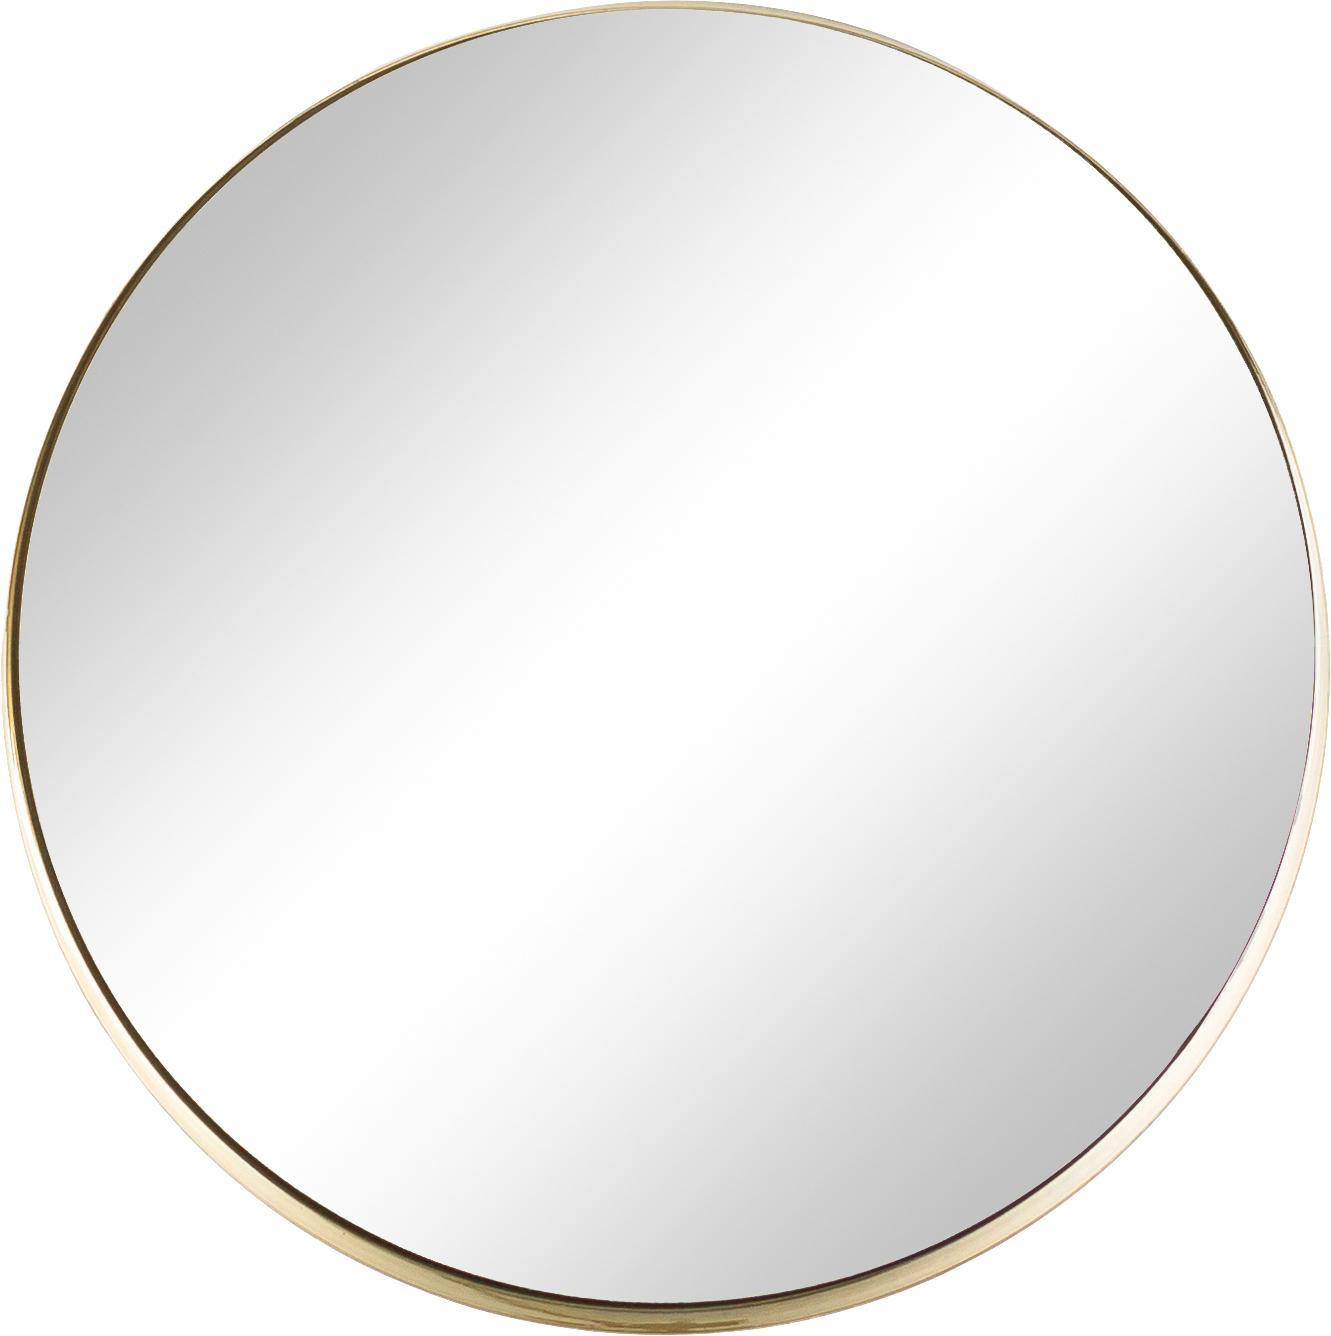 Ronde wandspiegel Metal met goudkleurige lijst, Lijst: gelakt metaal, met bewust, Lijst: goudkleurig. Spiegelglas, Ø 43 cm